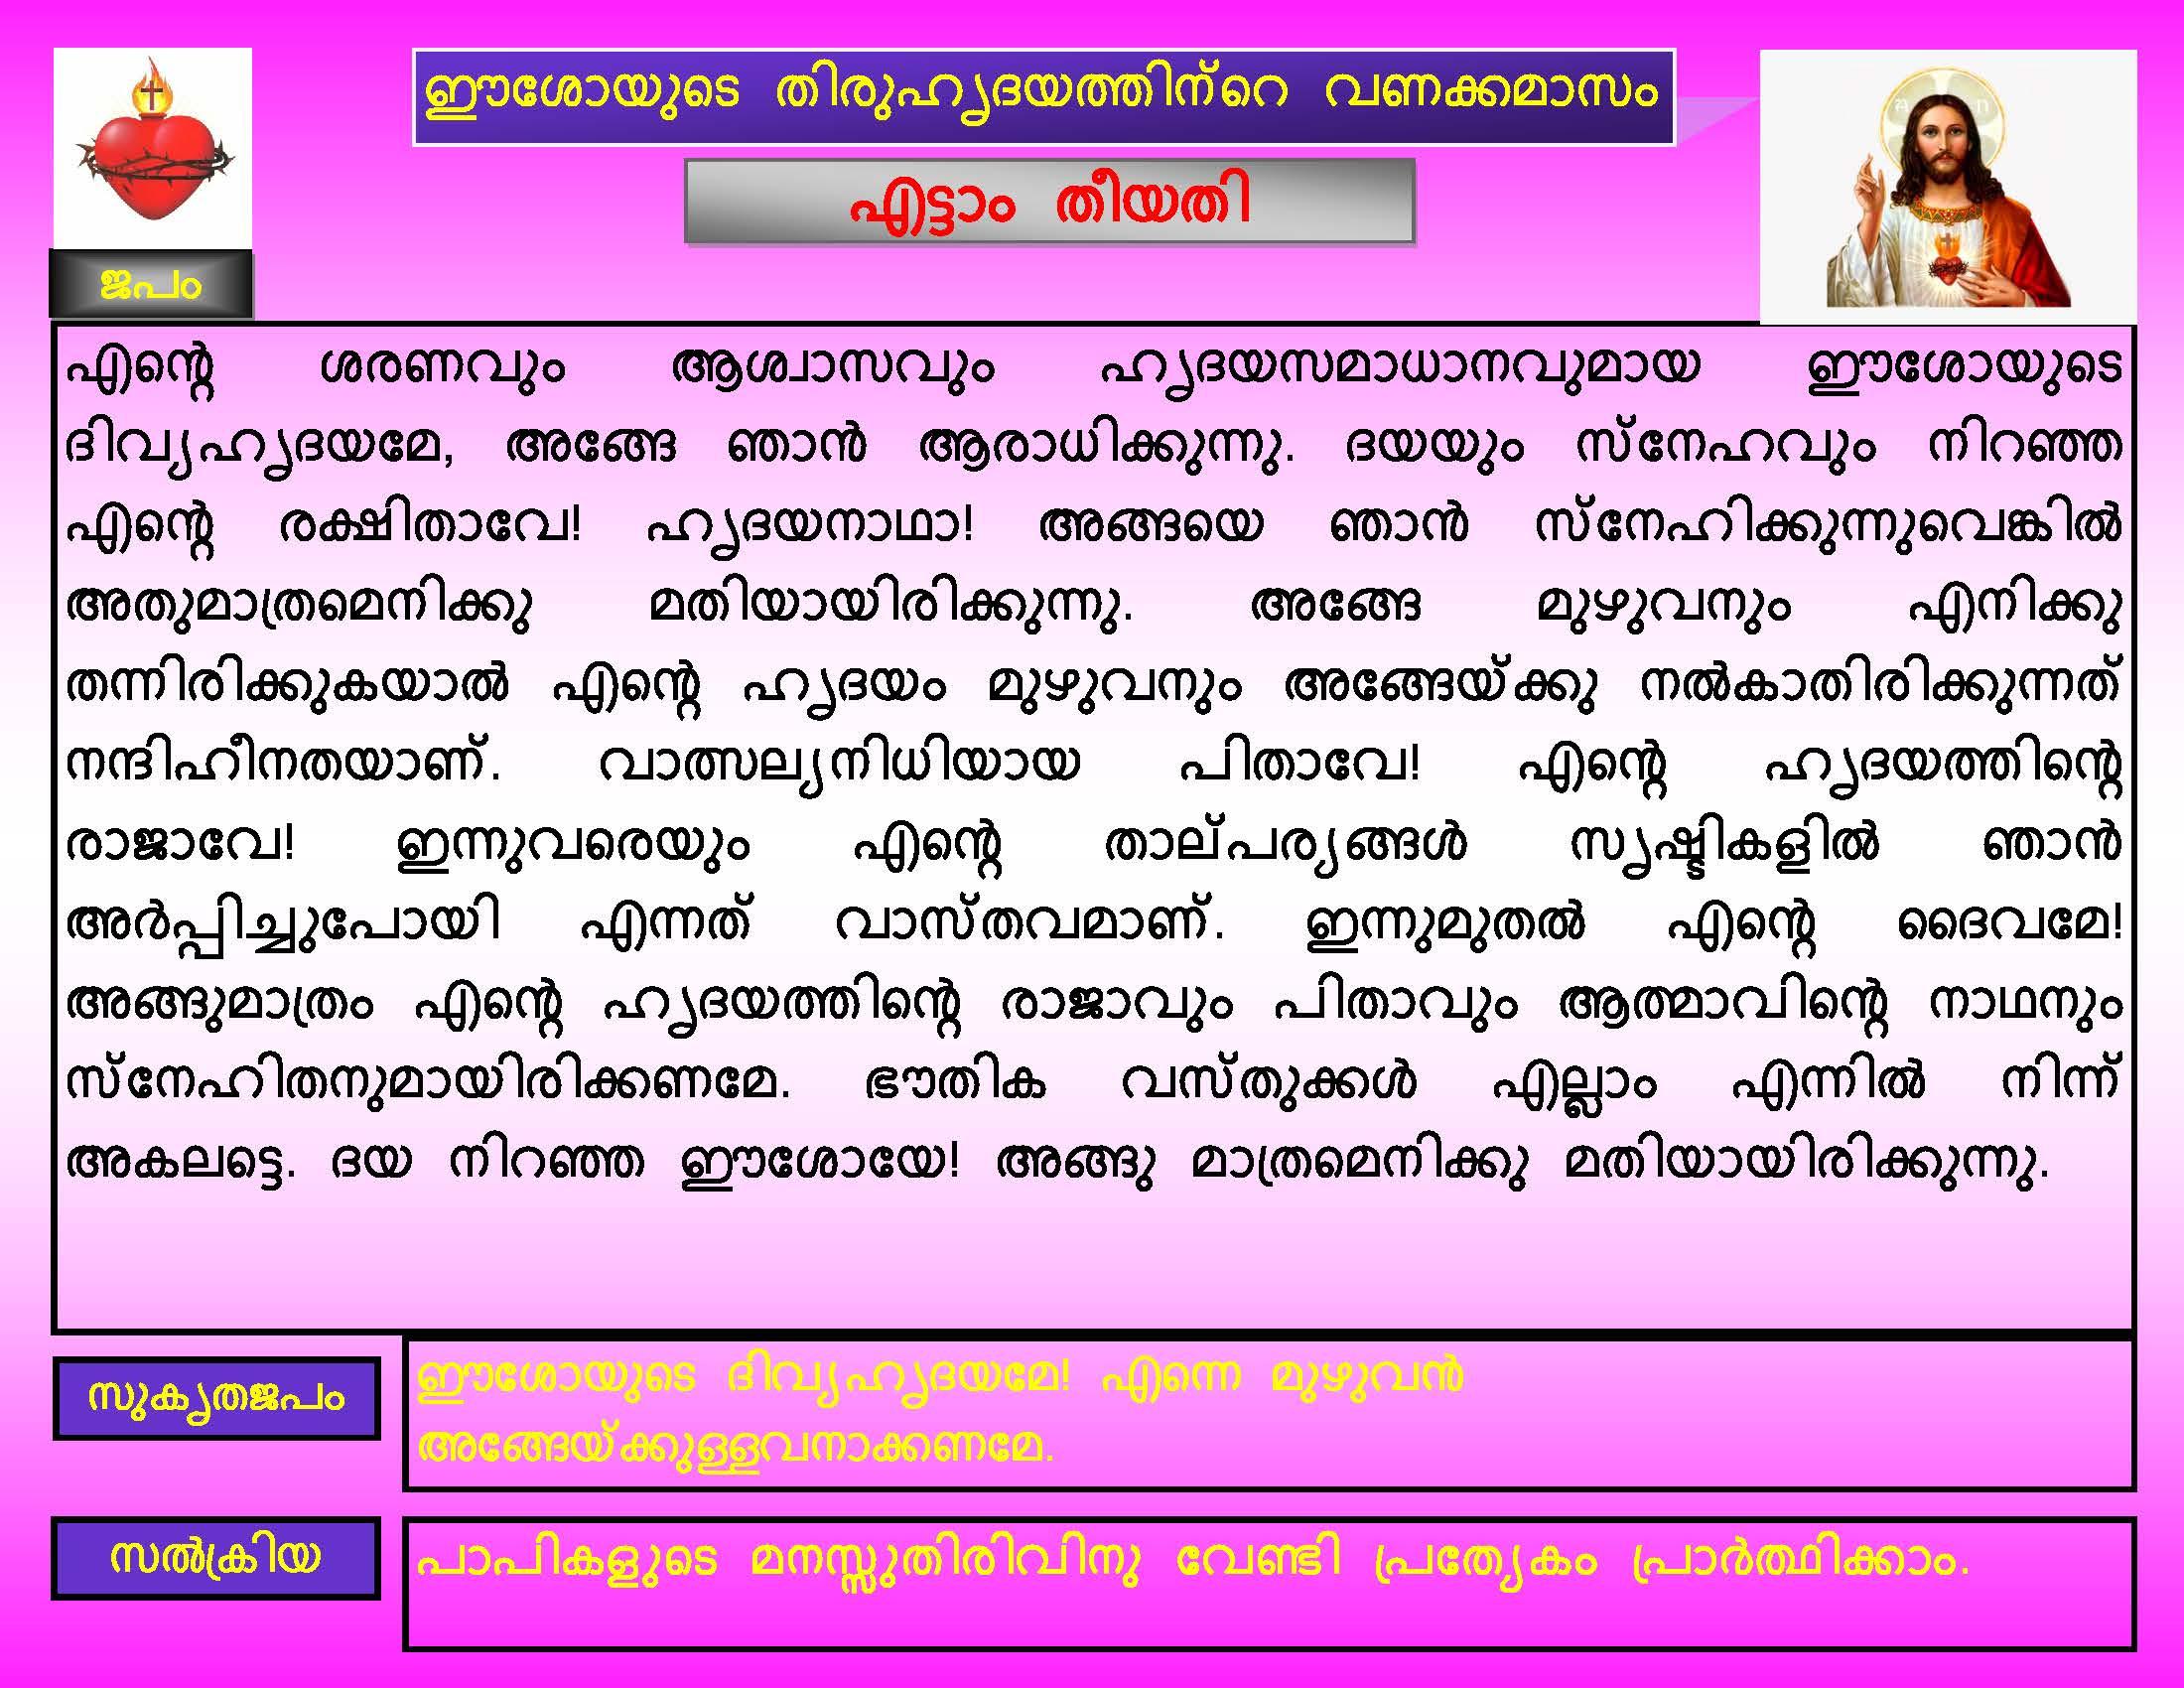 Thiruhrudaya Vanakkamasam - Day 8